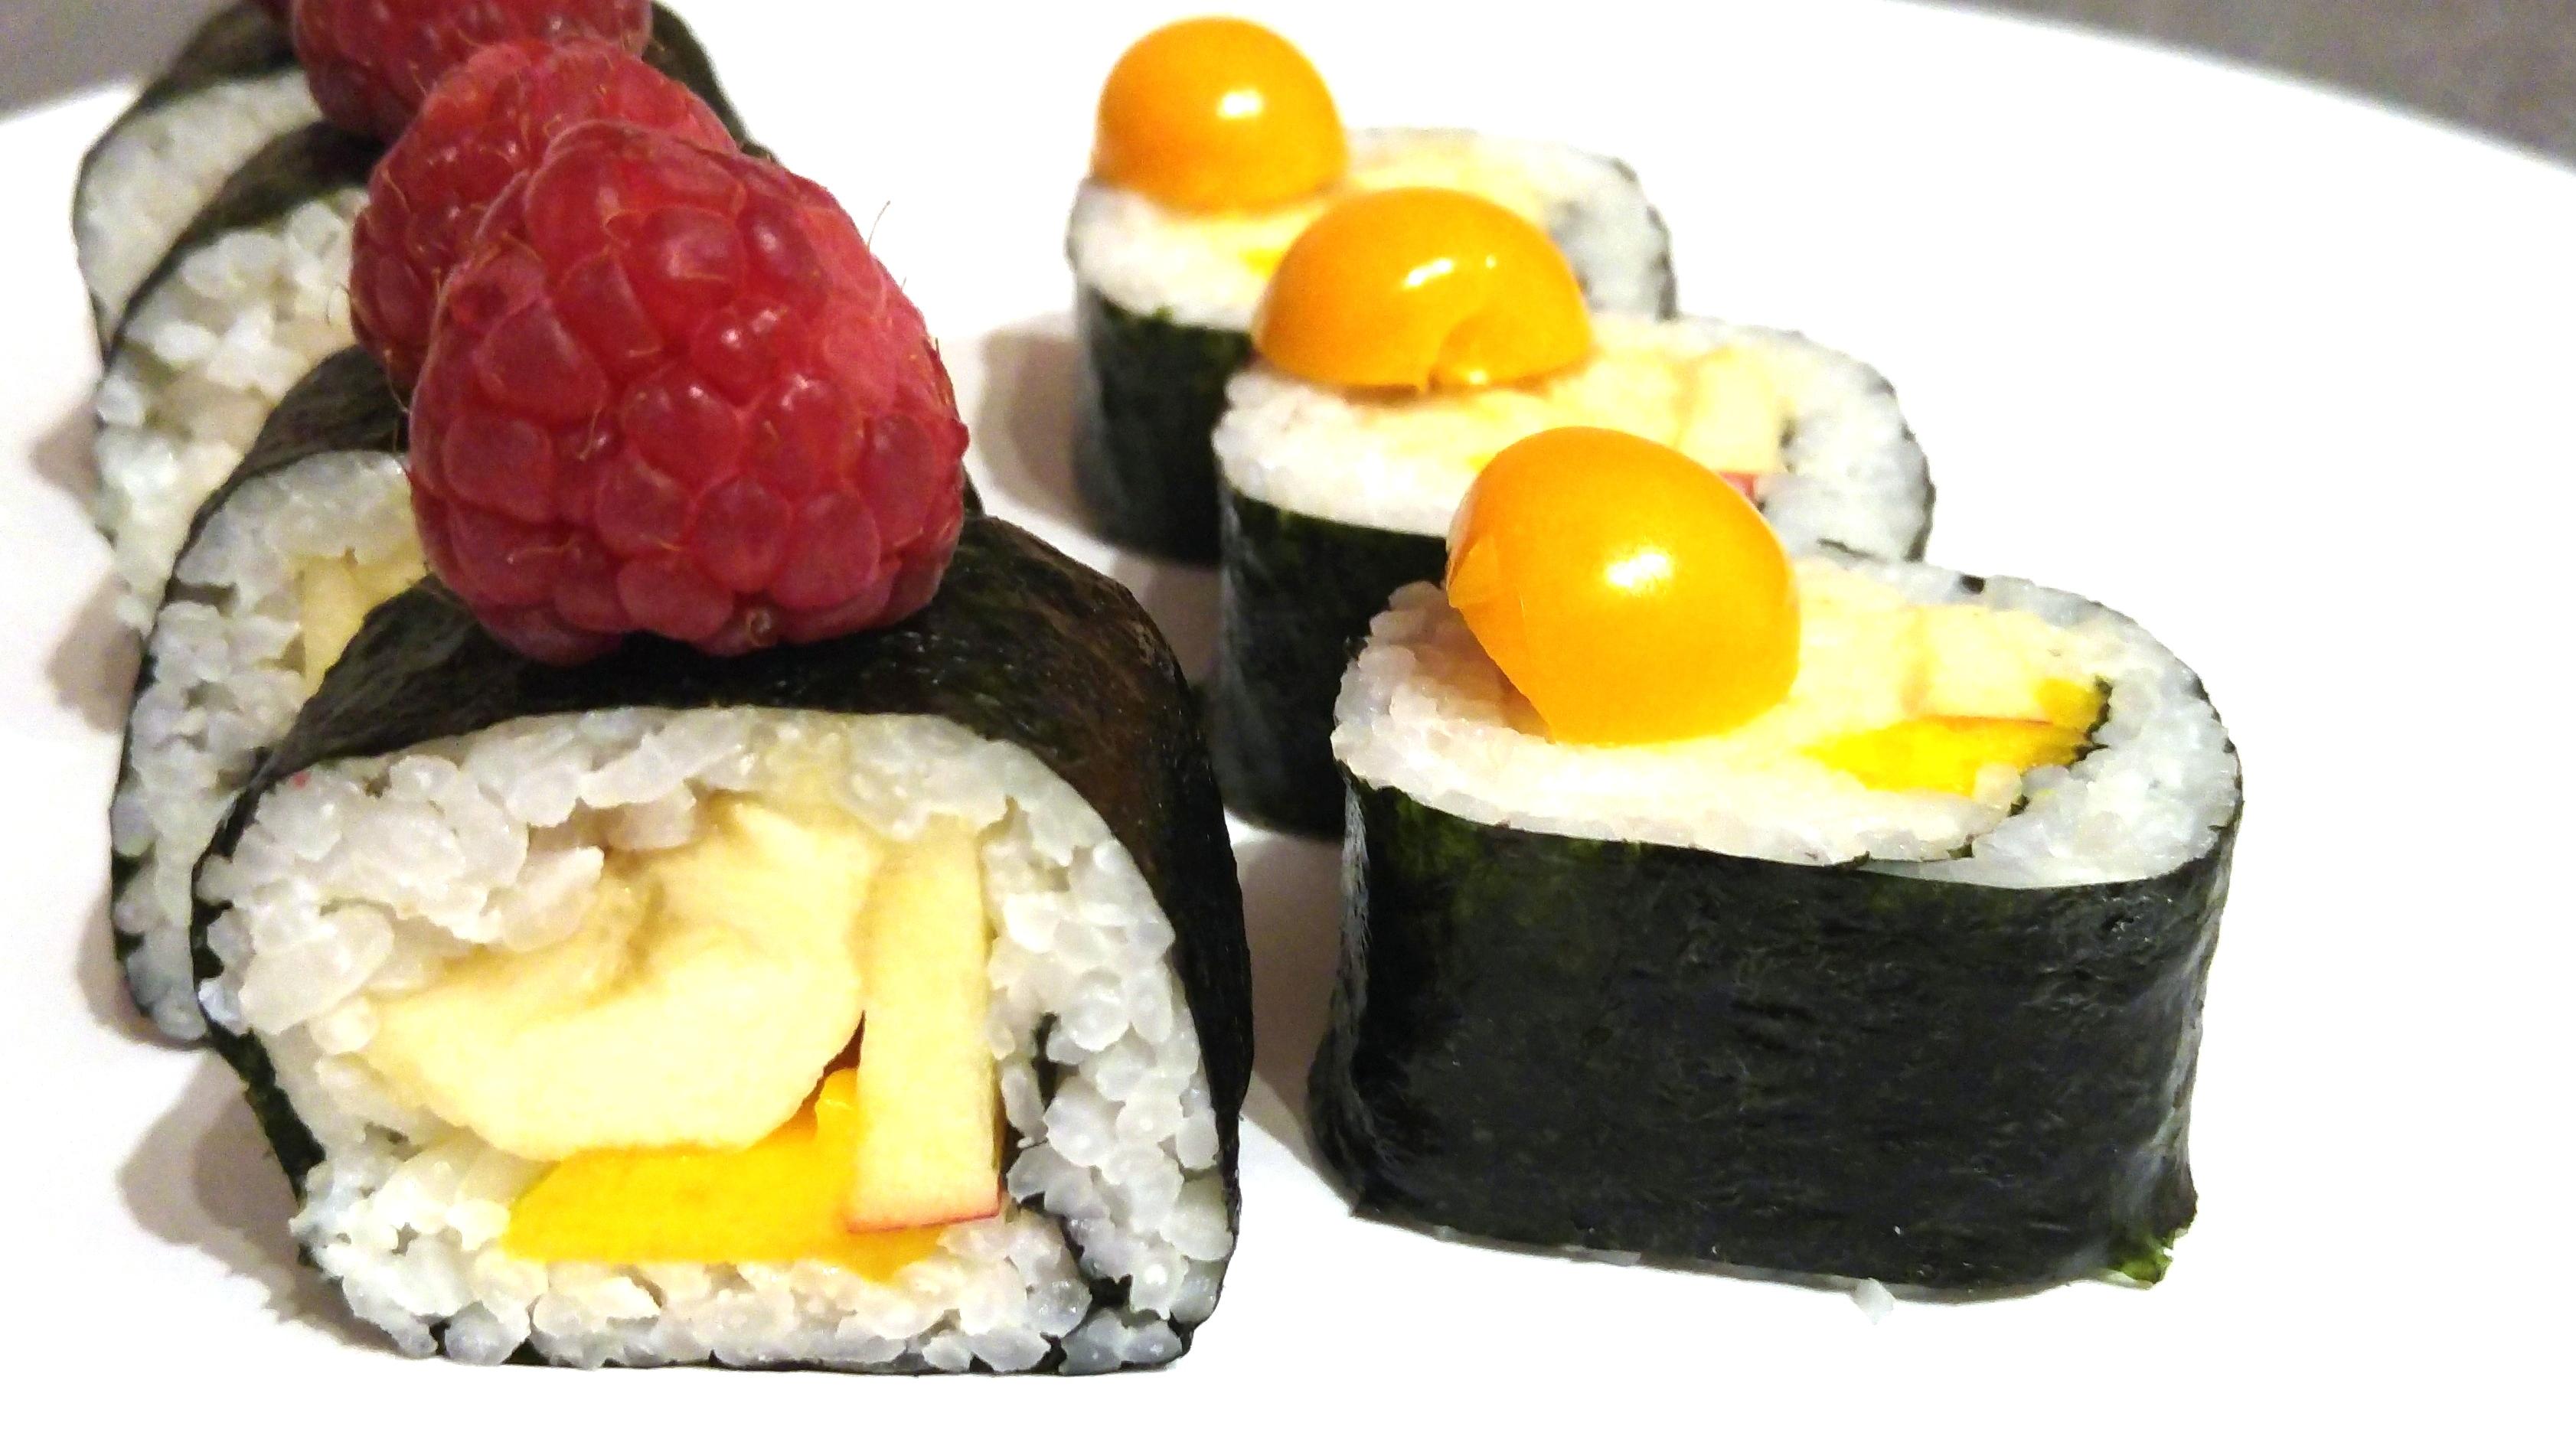 Fruchtiges Sushi mit Kokosreis, Banane, Apfel und Mango